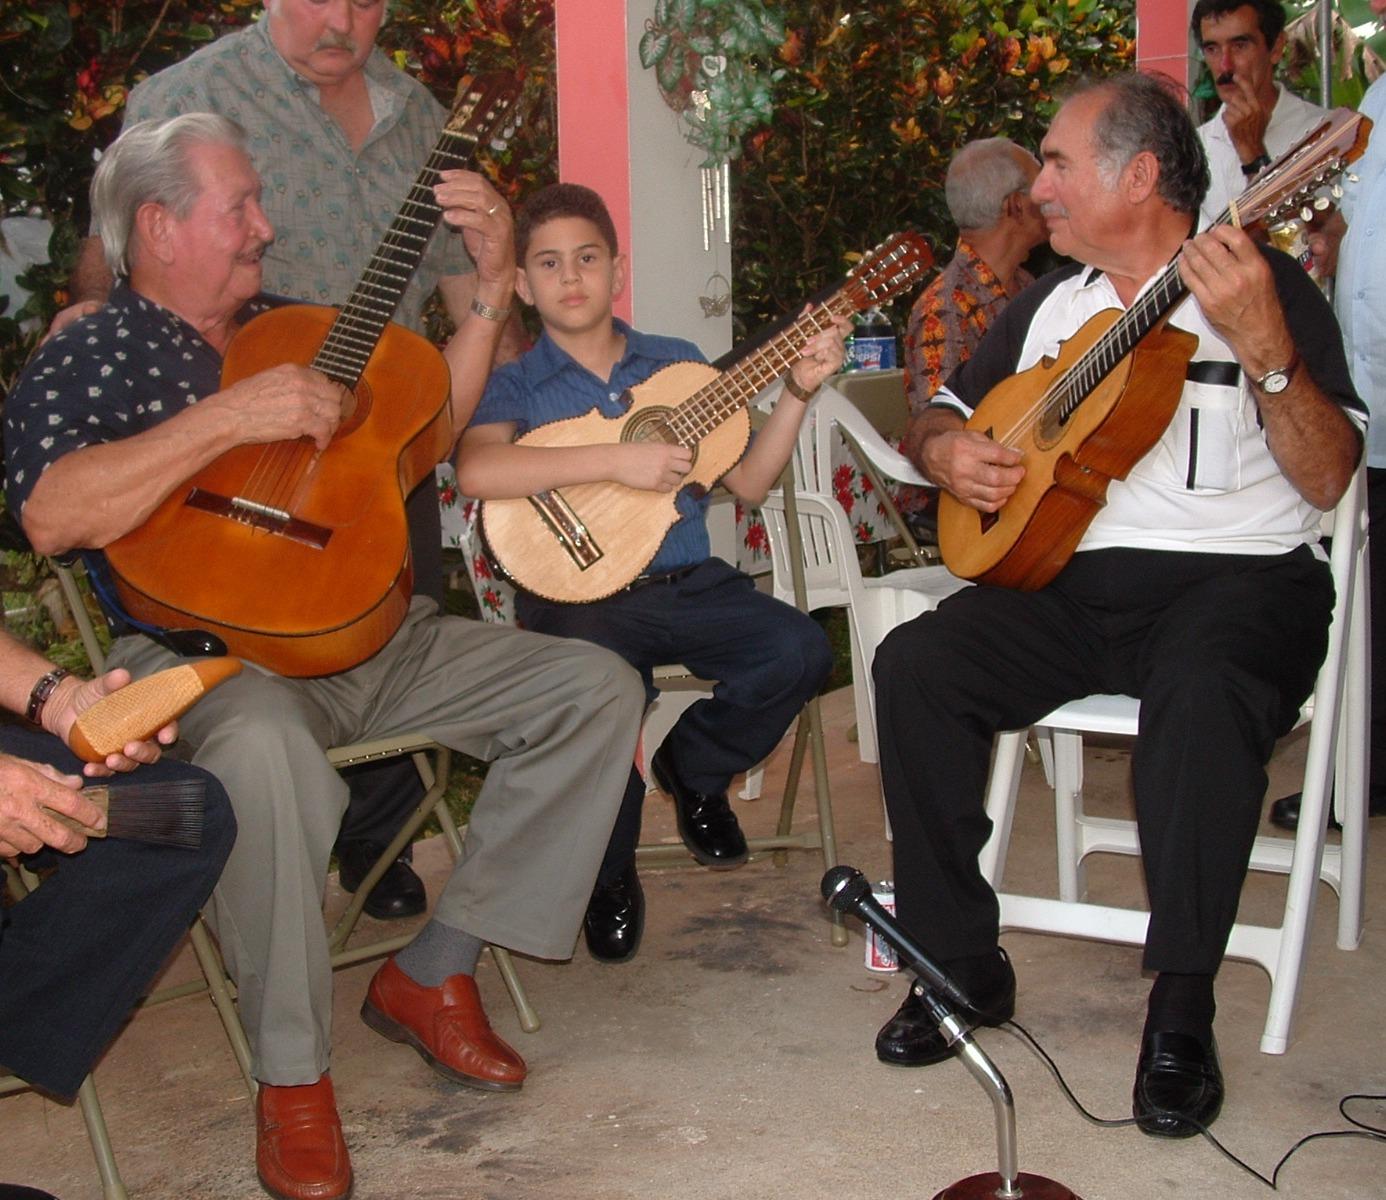 Don Polo Ocasio (izquierda), legendario integrante del conjunto Ladí, apadrinó la carrera del entonces niño Luis Sanz al percatarse de su talento y dedicación al cuato puertorriqueño. (Foto suministrada)